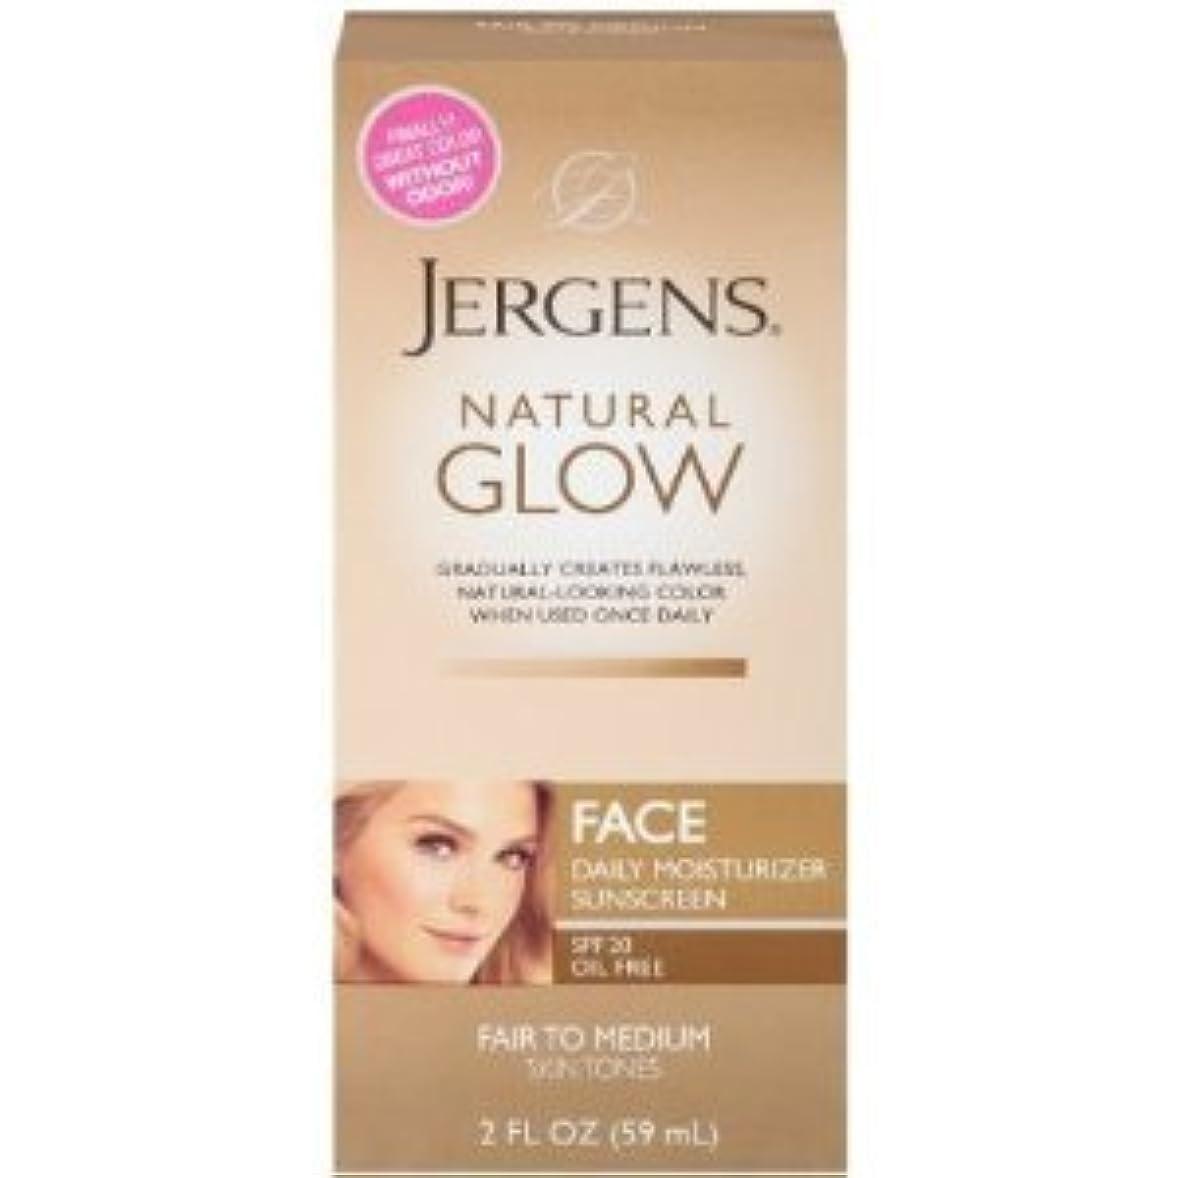 プロポーショナル資産小売Natural Glow Healthy Complexion Daily Facial Moisturizer, SPF 20, Fair to Medium Tan, (59ml) (海外直送品)